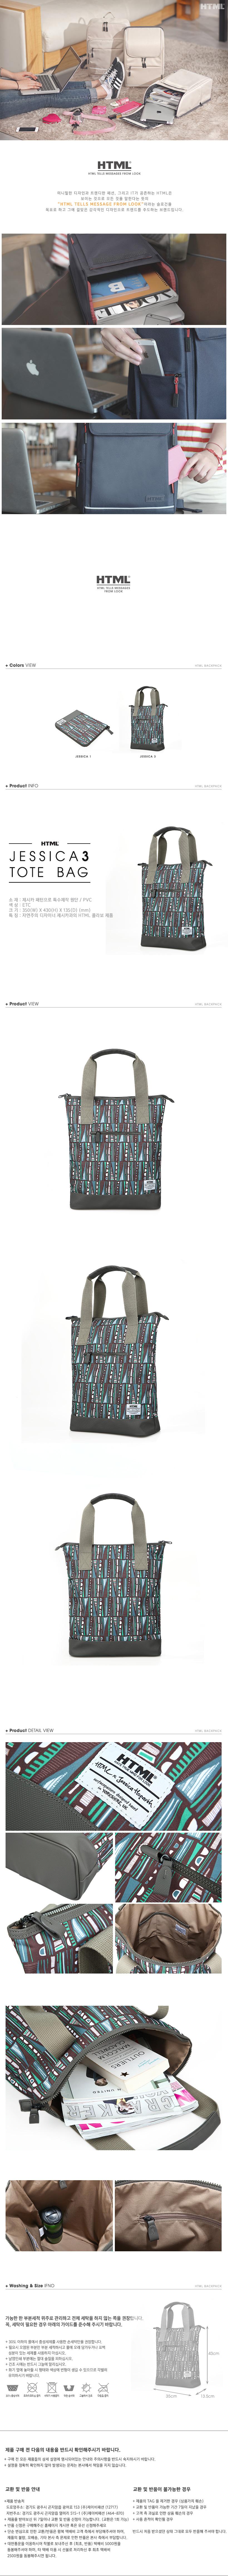 [에이치티엠엘]HTML - JESSICA 3 Tote bag (JHD3BG03P900F0)_토트백